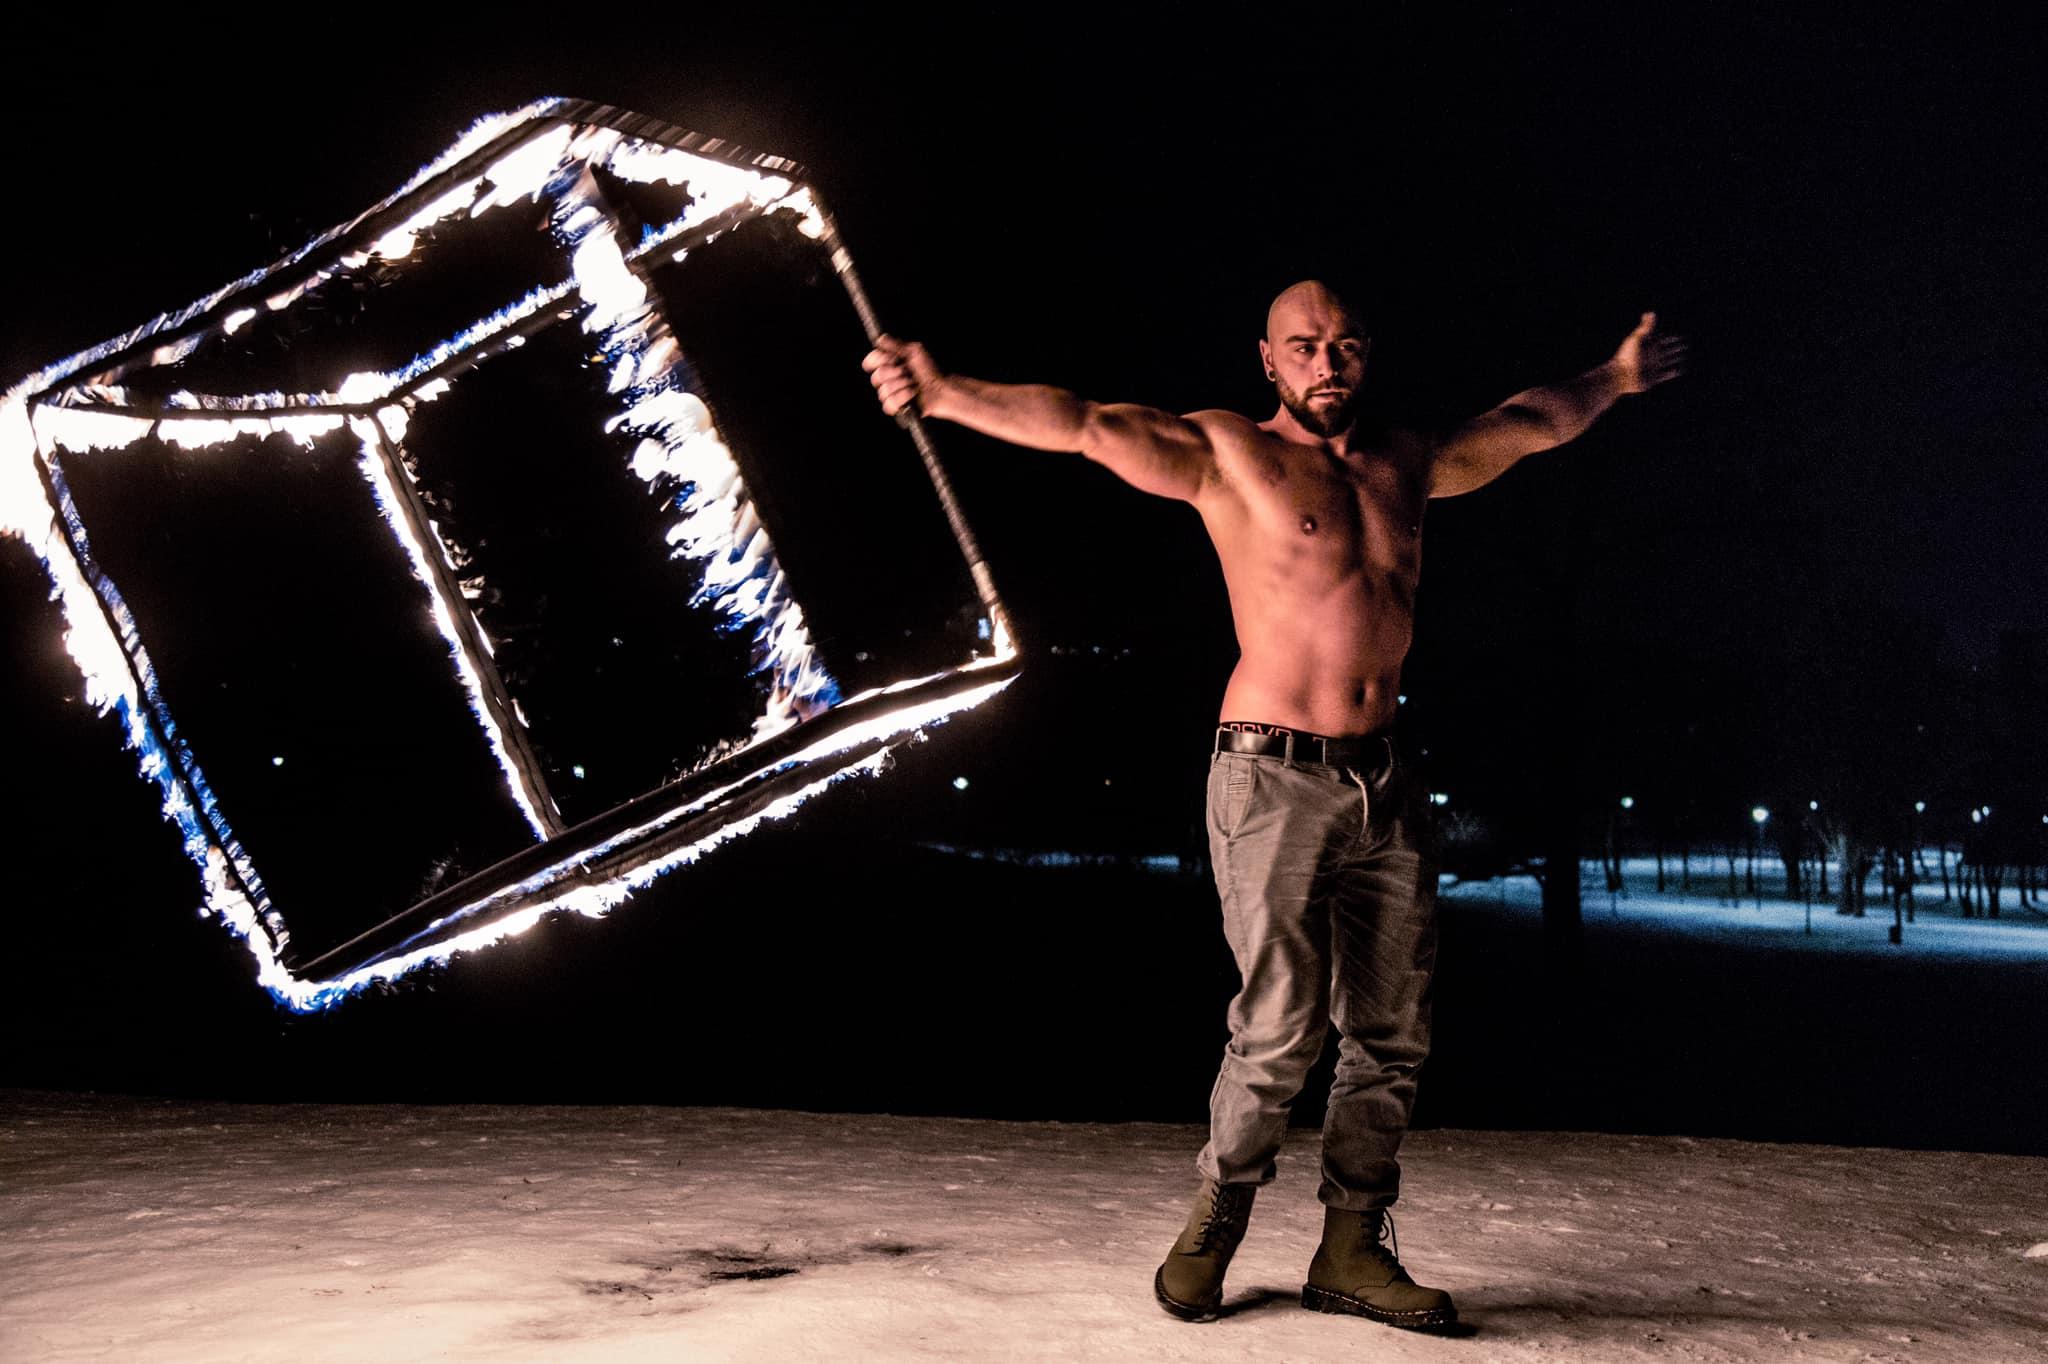 <p>&quot;Огънят е приятел, но и враг и балансът е точно в тънкия момент, където живее изкуството&ldquo;, казва Пламен Петков.</p>